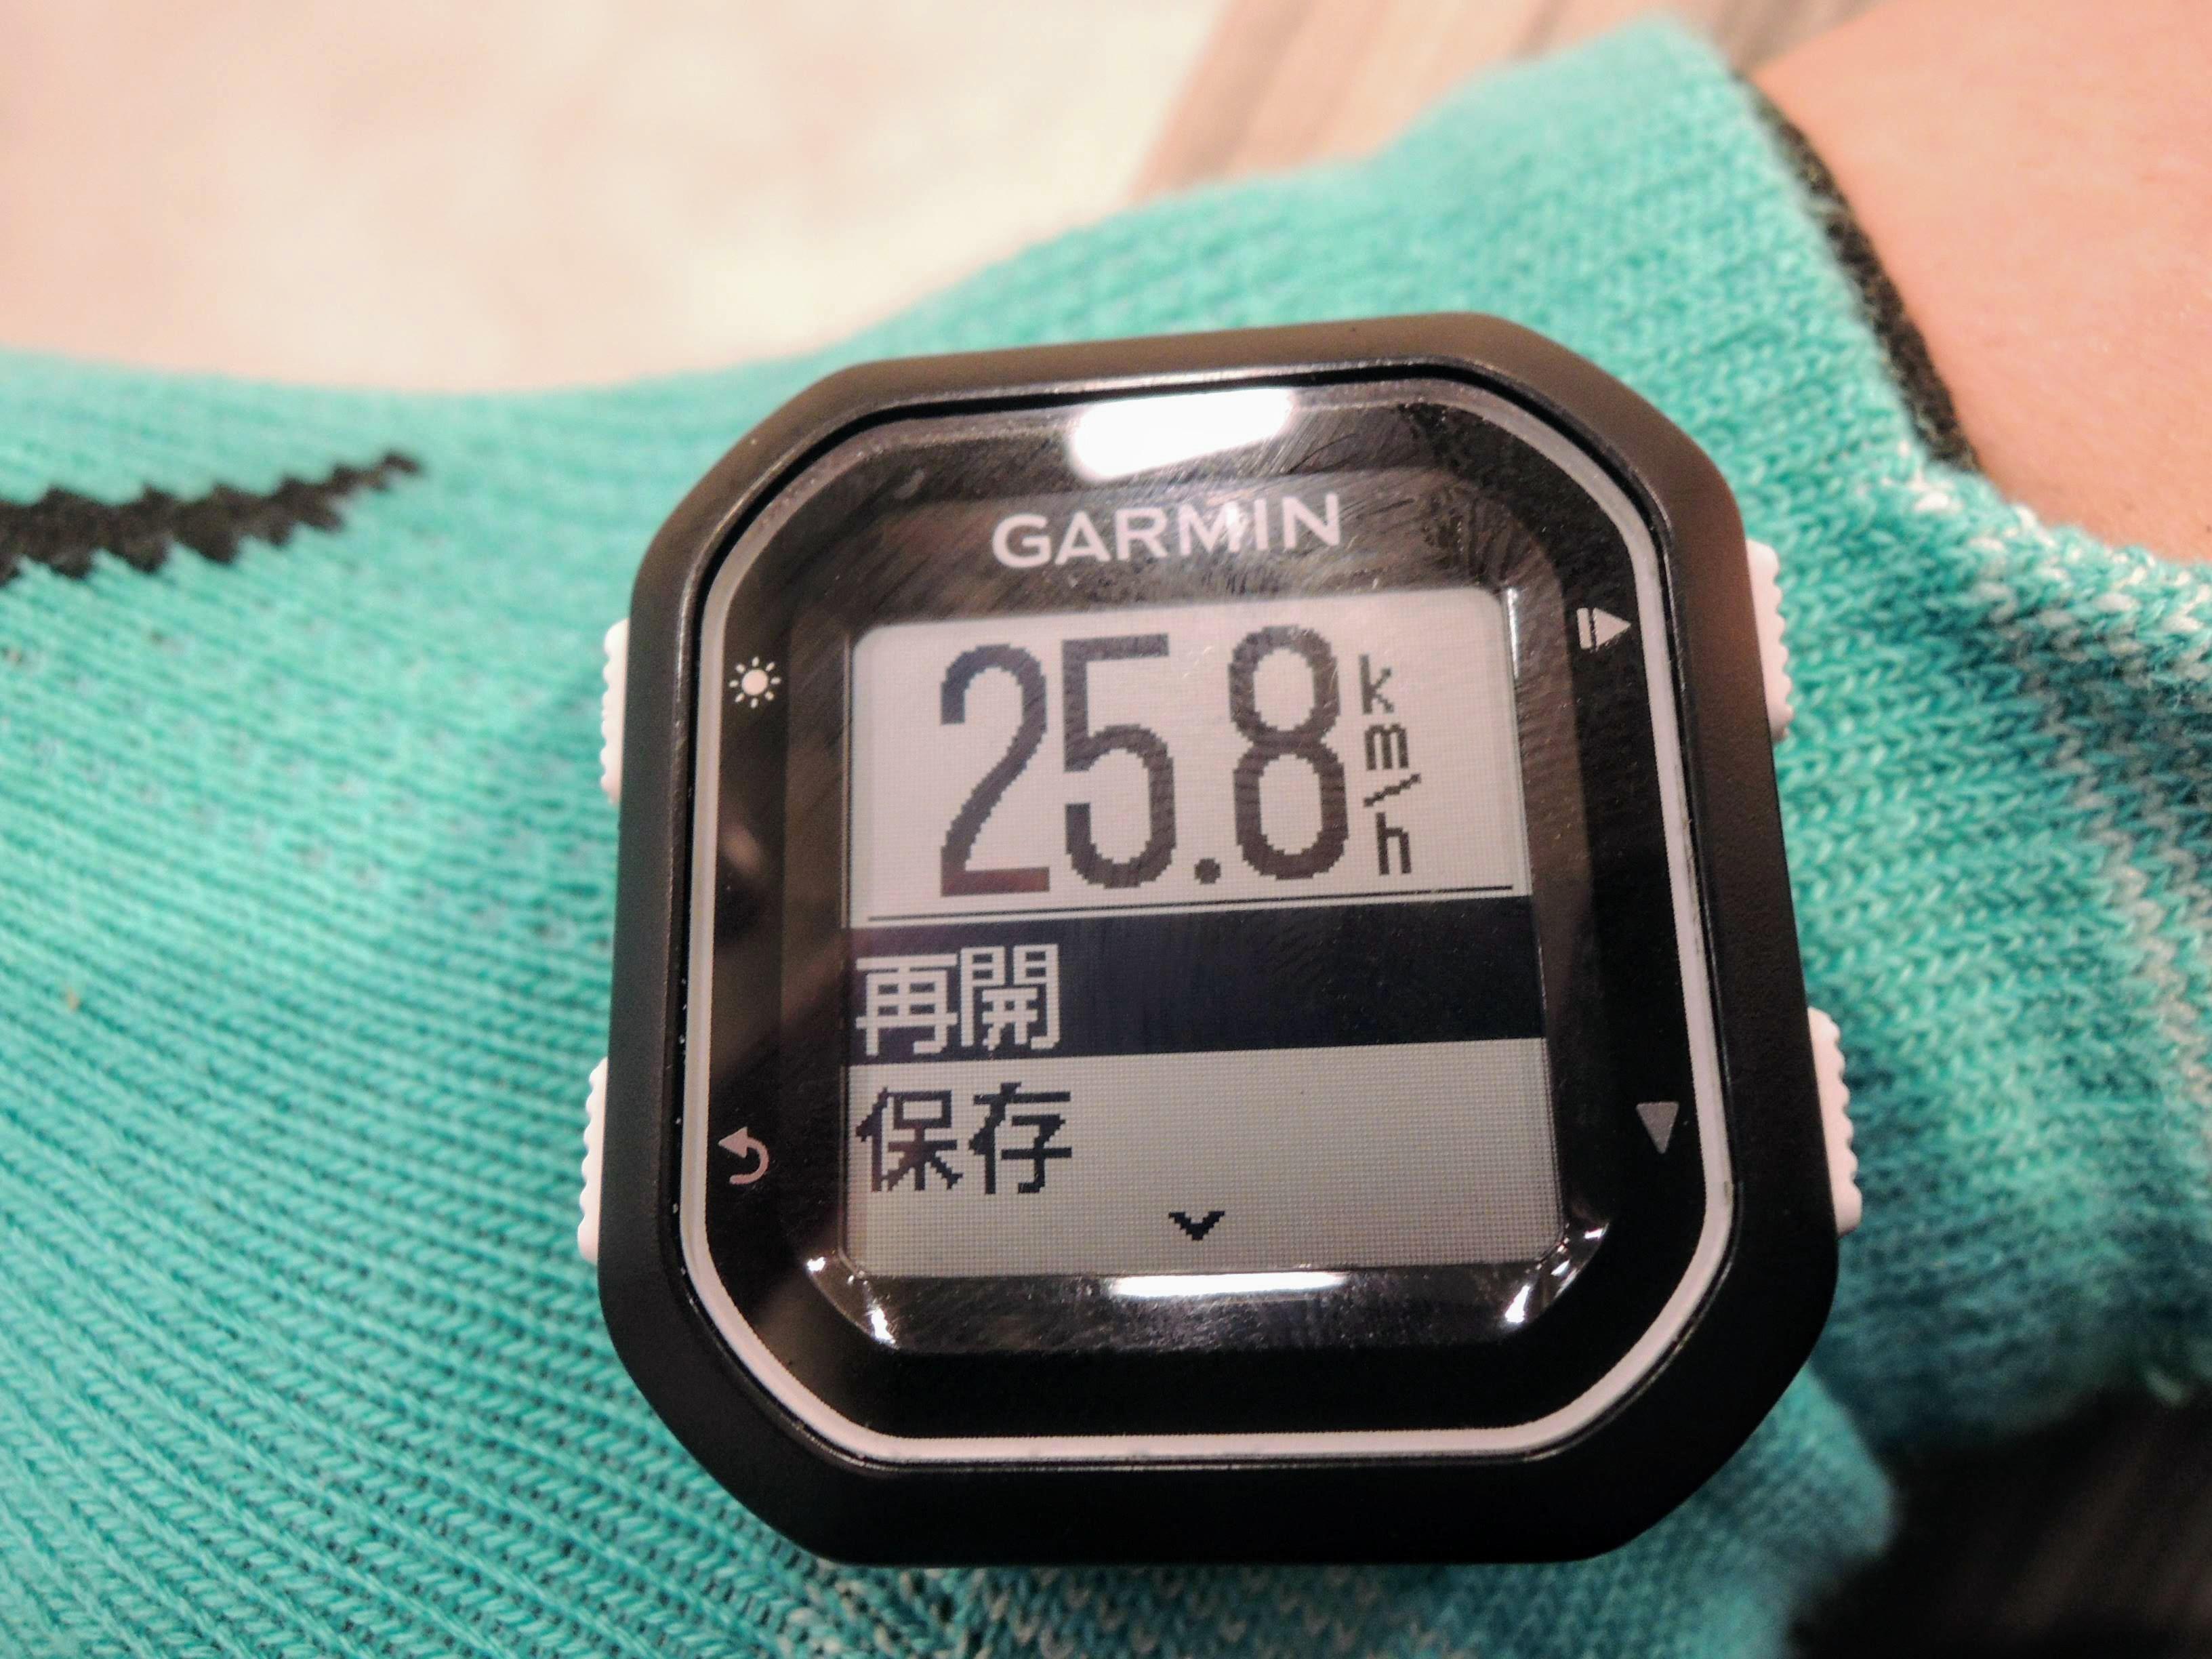 湘南藤沢の自転車ショップに帰還。サイコンの電池切れ寸前に確認したこの日の平均速度は25.8㎞/h。